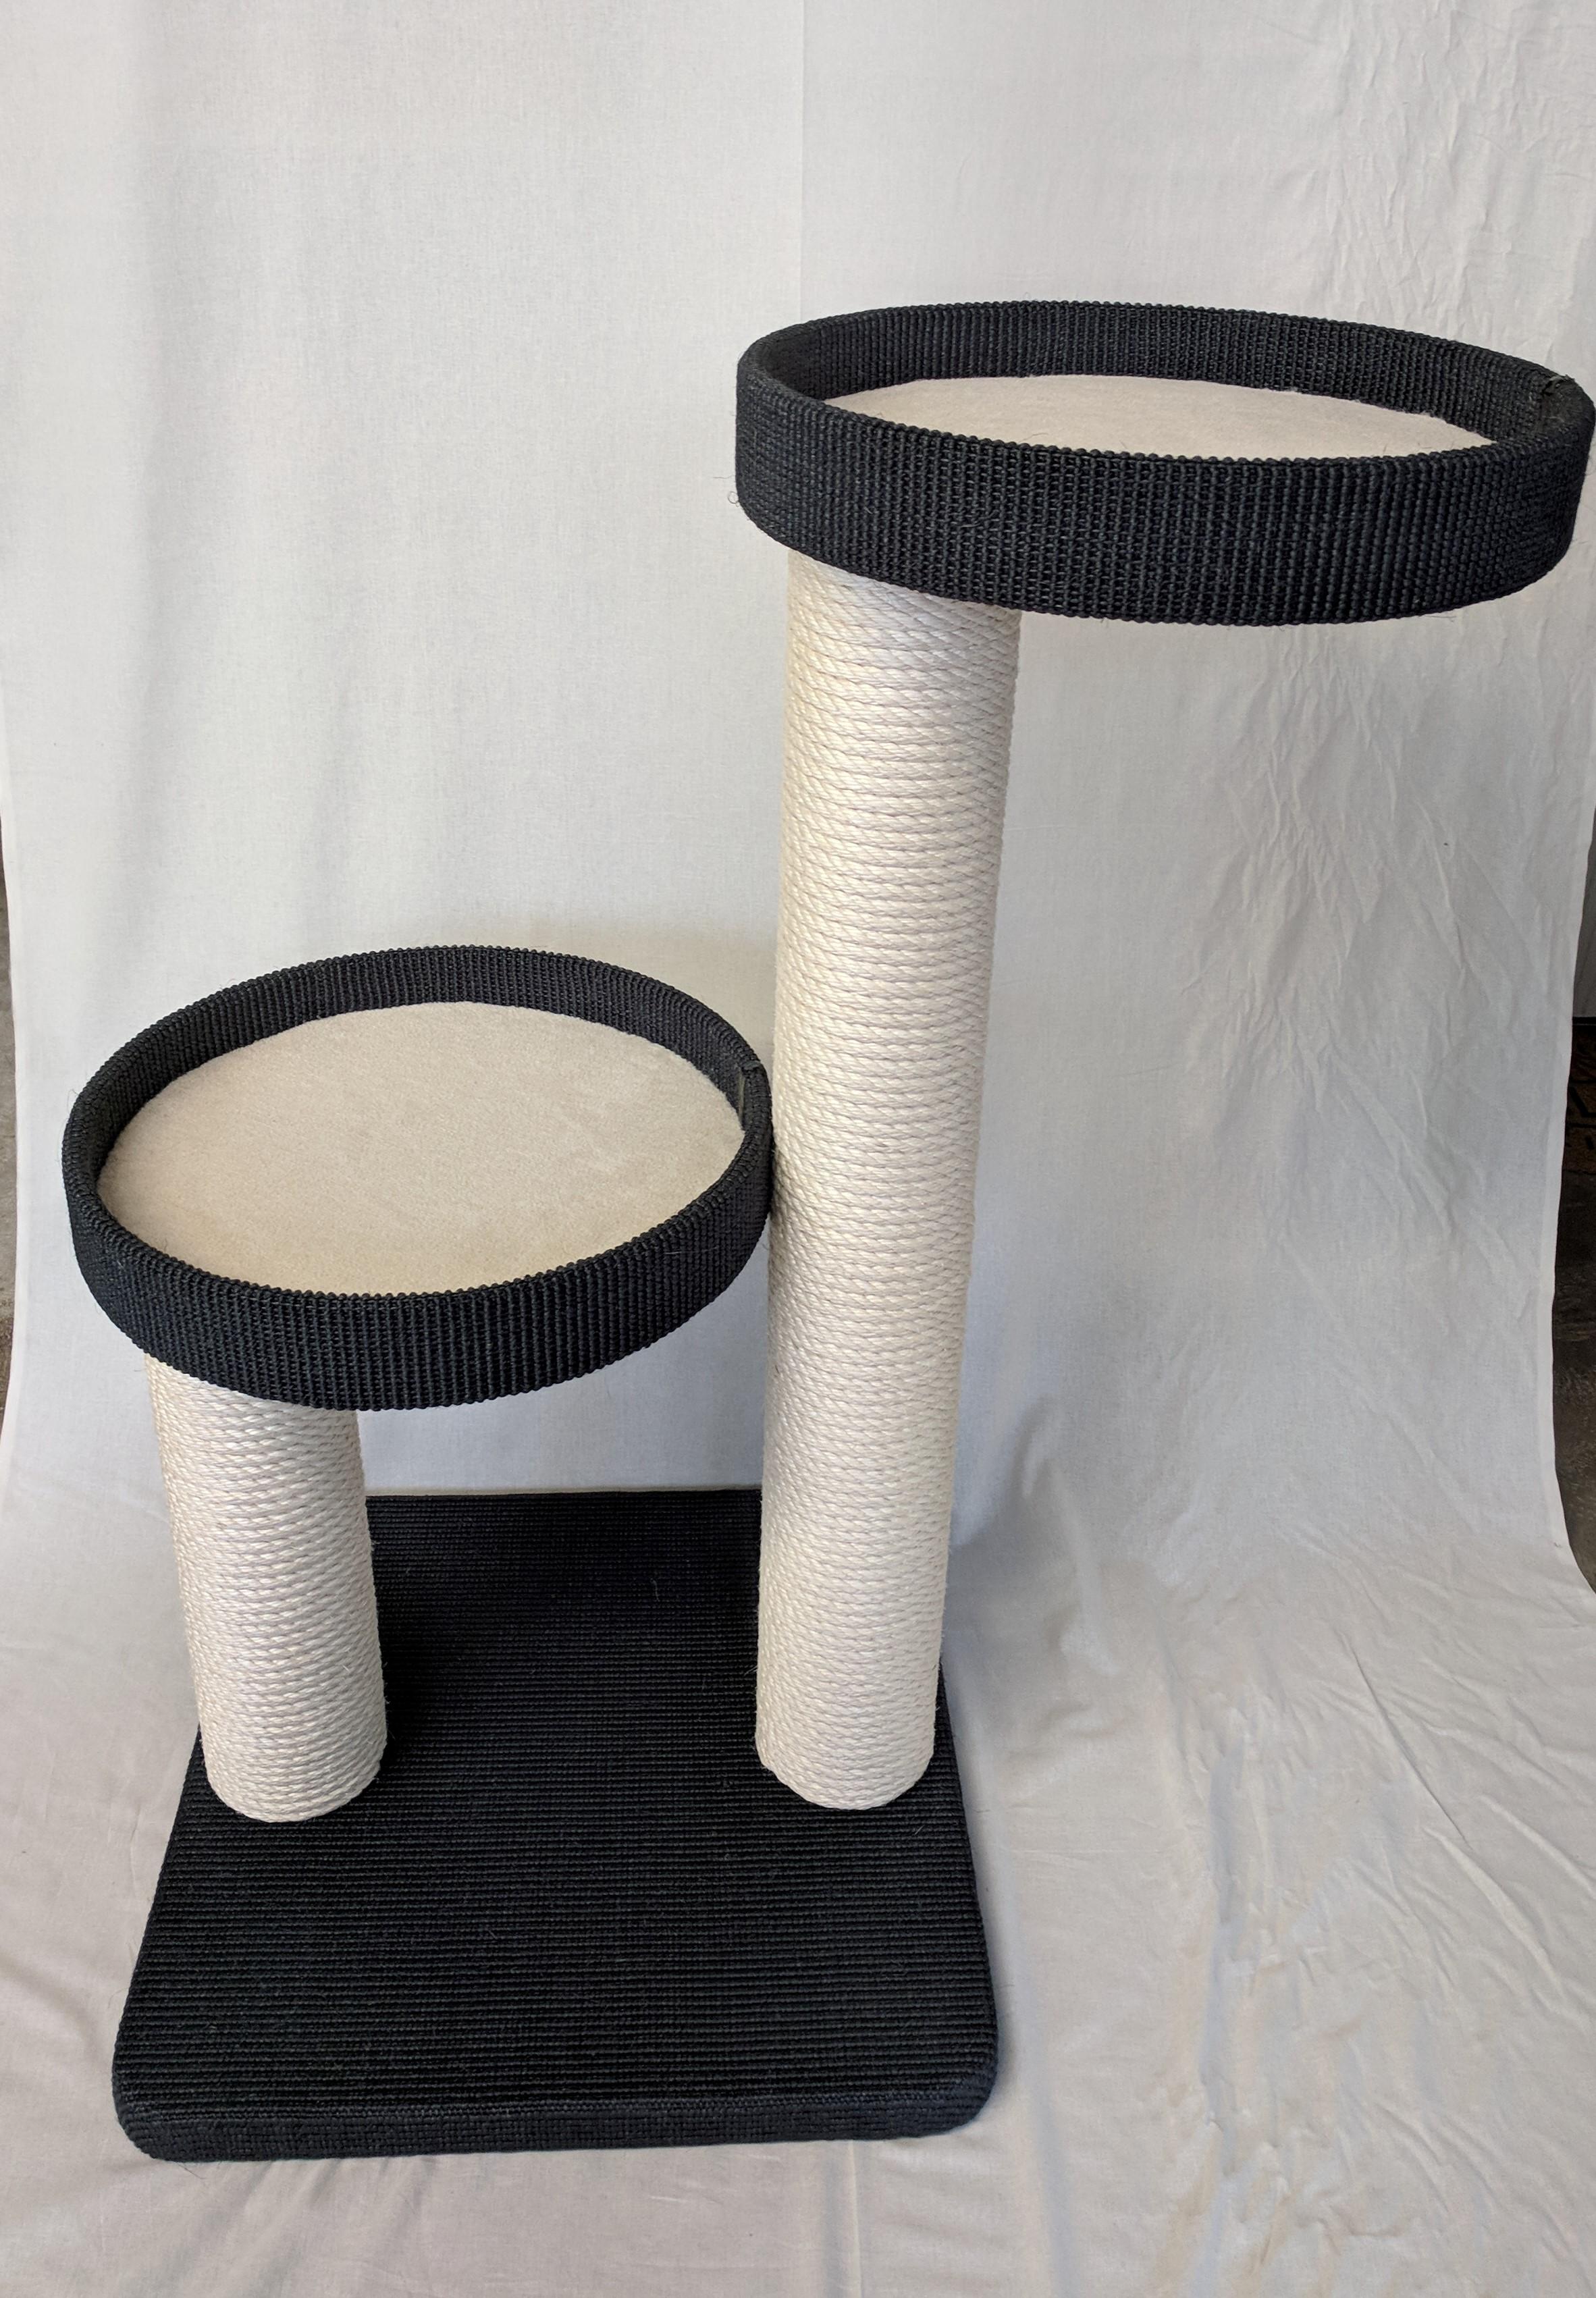 teppich angebot top roller teppiche kibeck teppiche ordentlich teppich reinigen und teppich ta. Black Bedroom Furniture Sets. Home Design Ideas